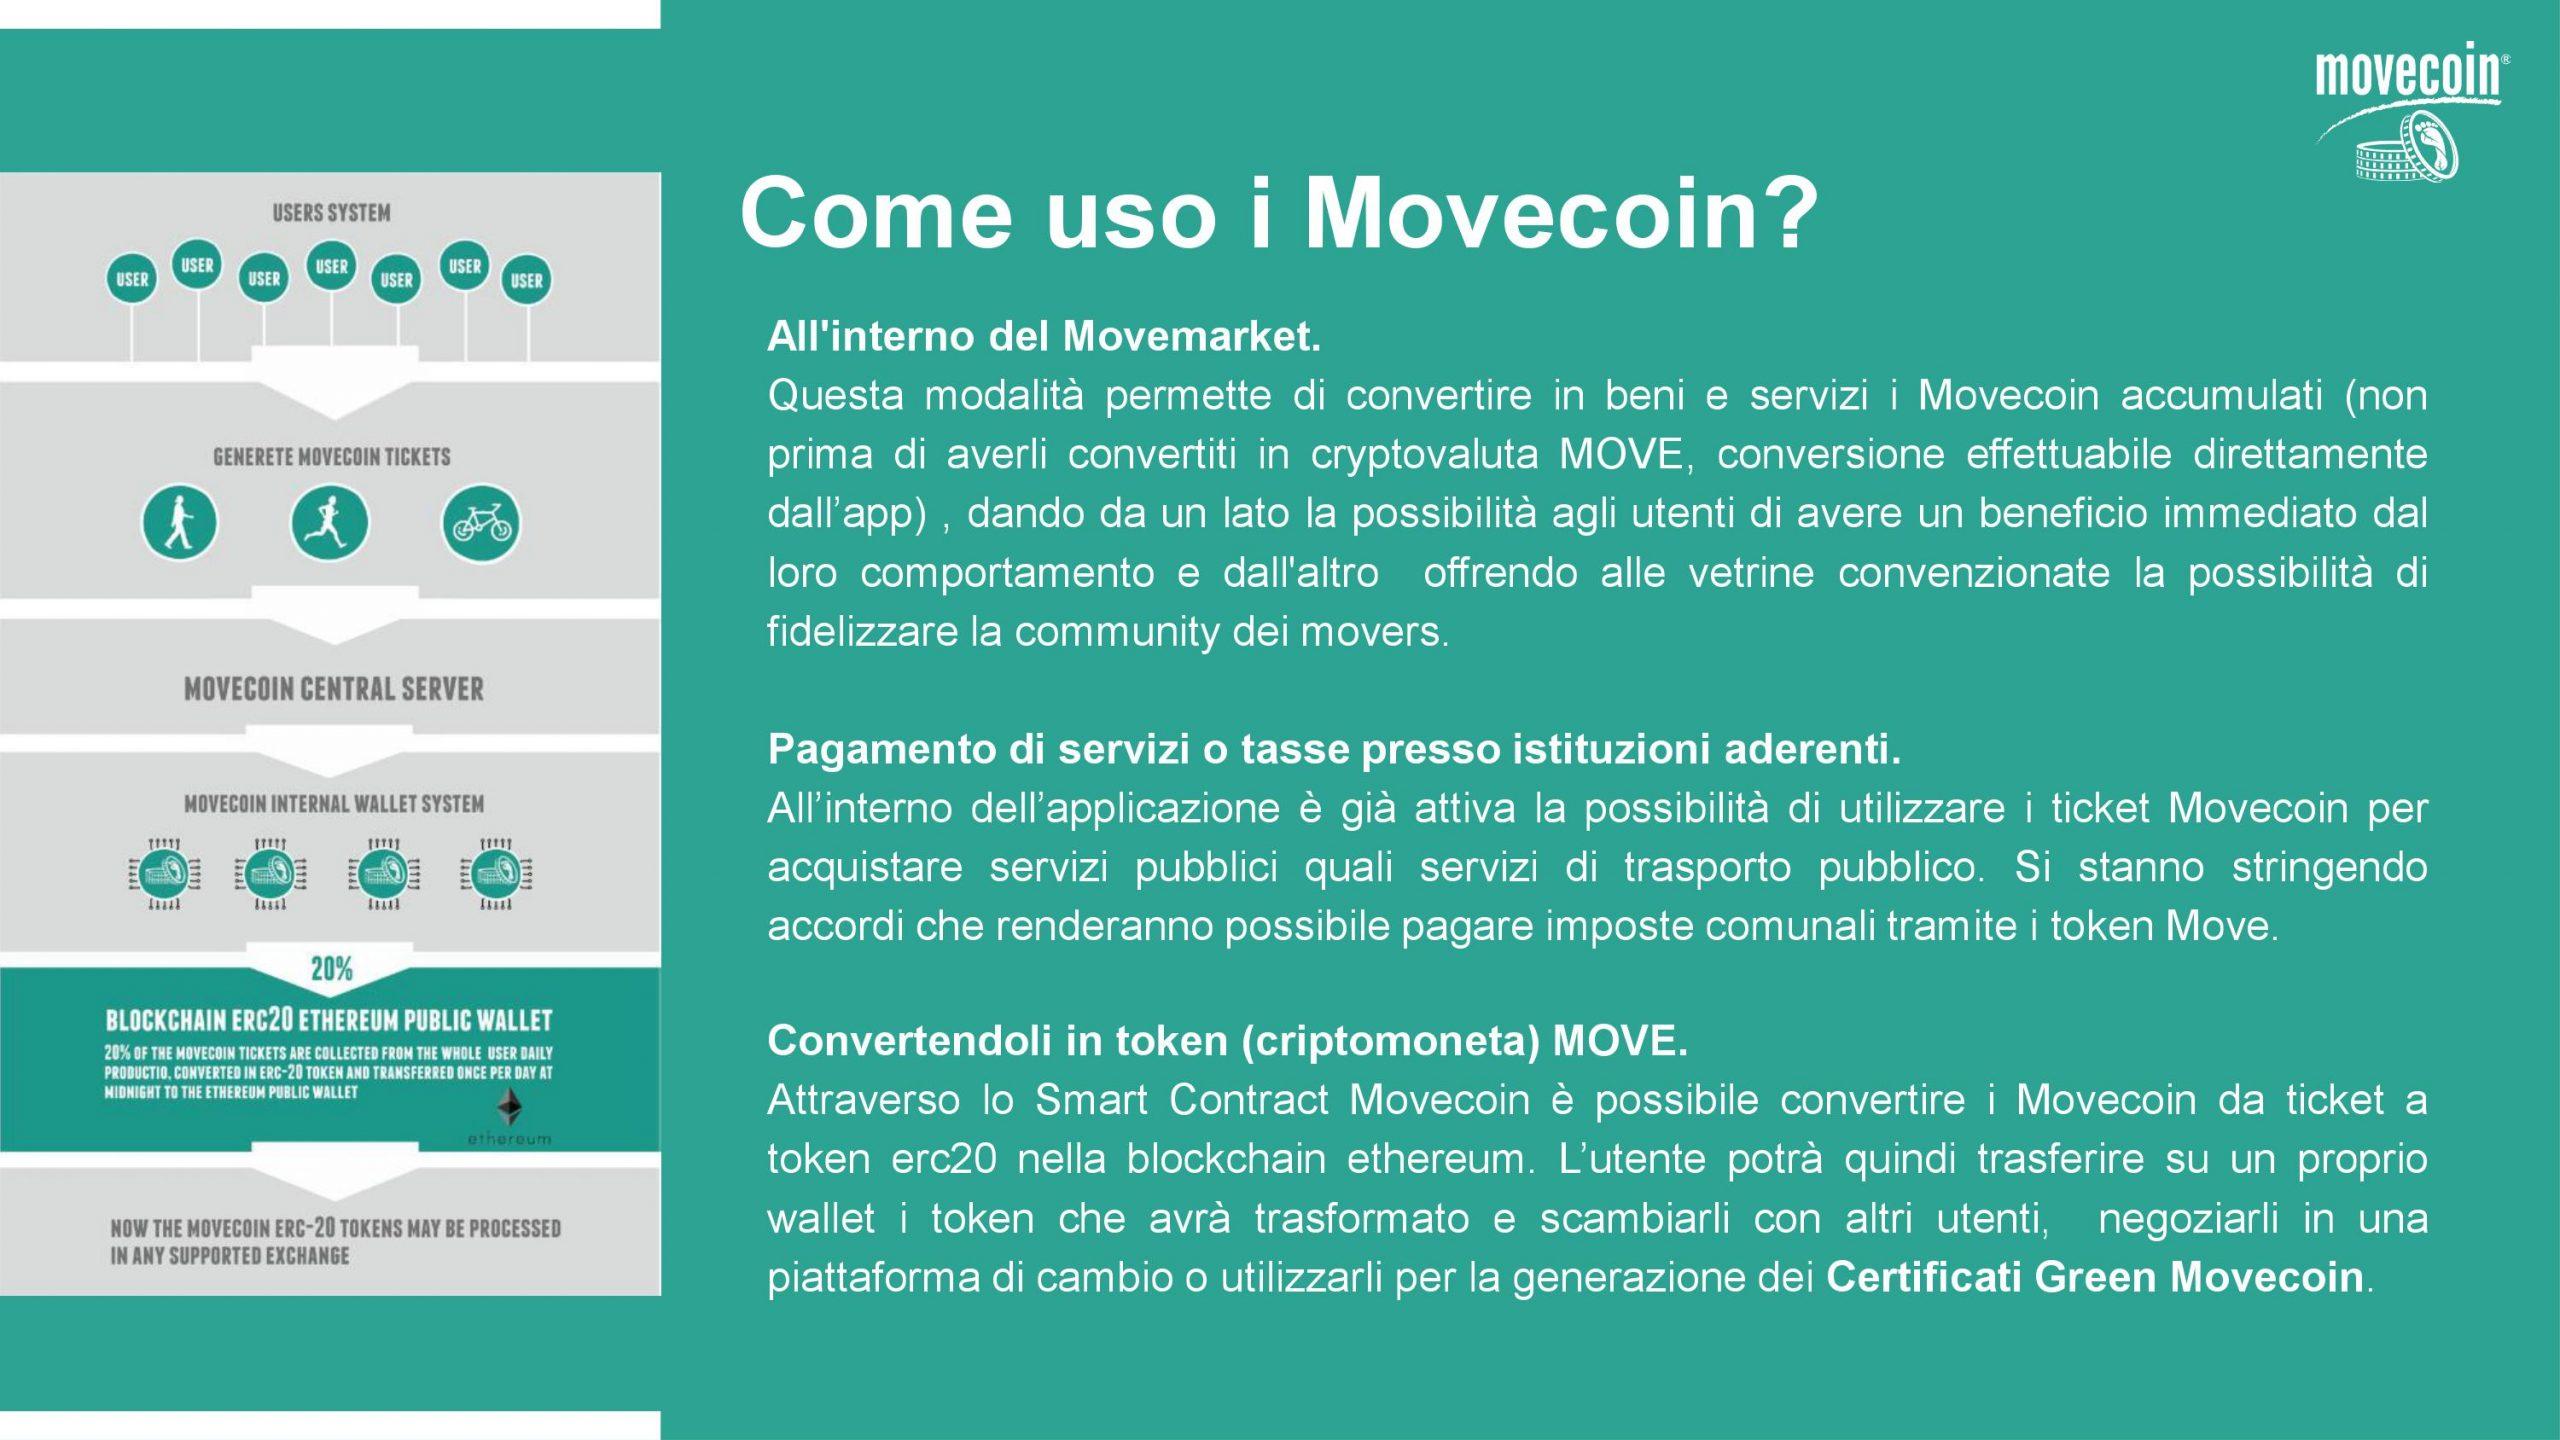 Il Move: come uso i Movecoin